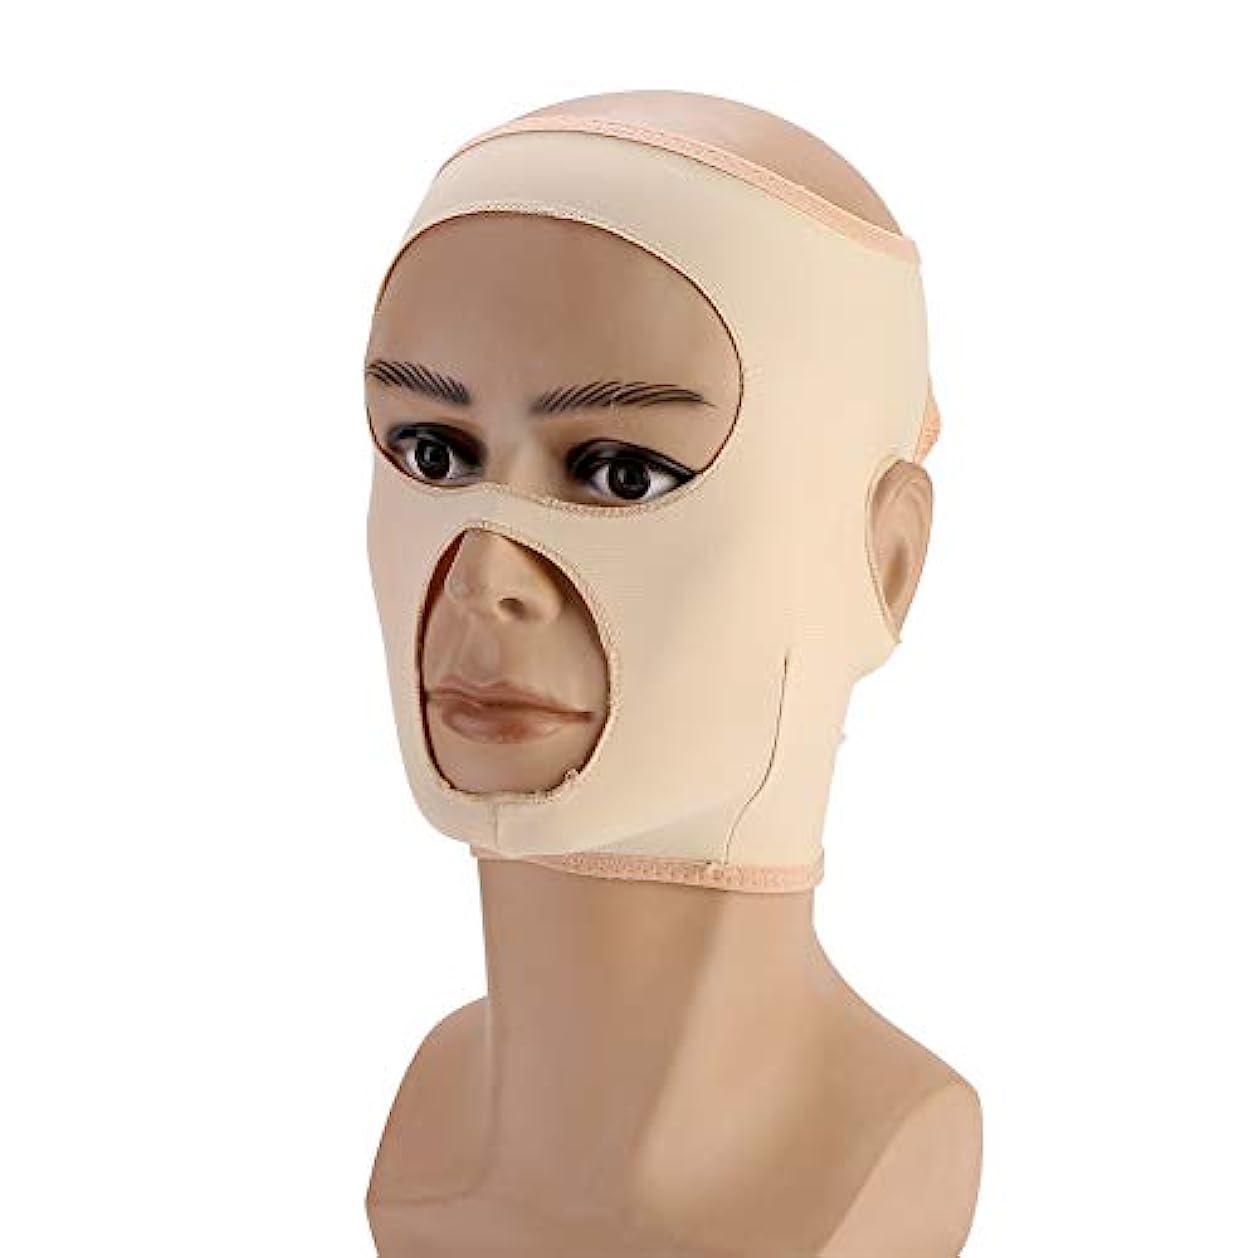 失聞く裸フェイス包帯 フェイシャルケア 小顔 美顔 Vライン 顔輪郭改善 美容包帯 通気性/伸縮性/自動調整バックル フェイシャル マスク フェイスラインスリムアップベルト(M)